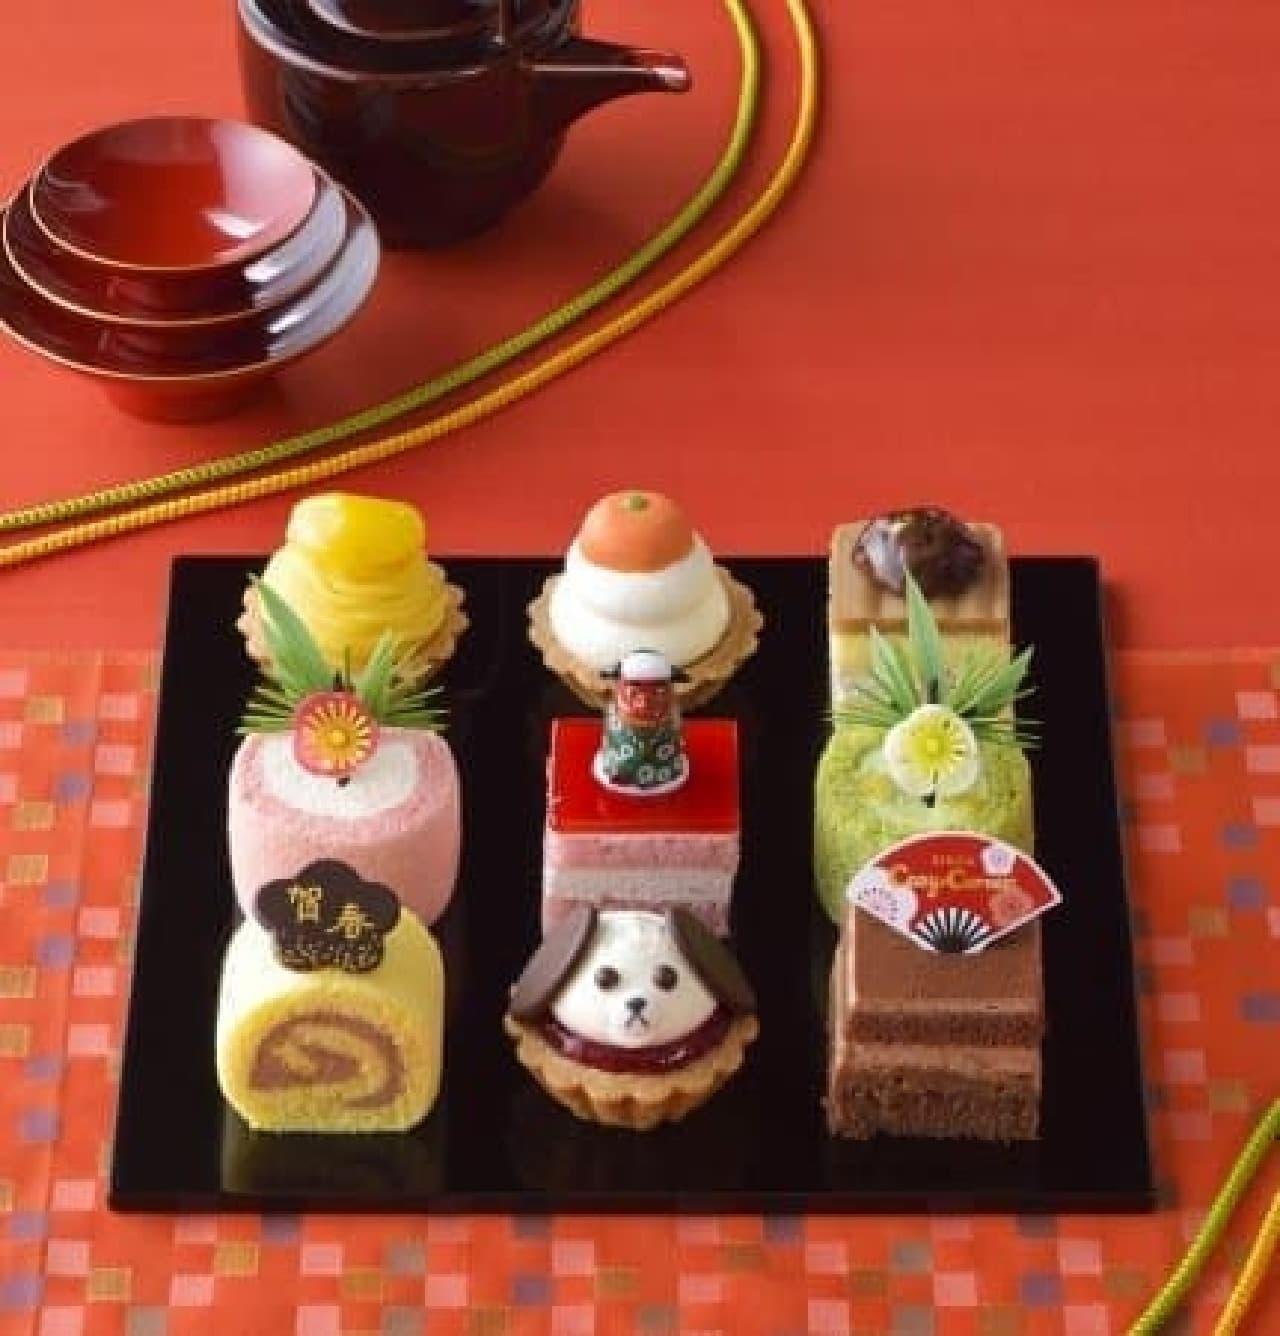 銀座コージーコーナー「ケーキのおせち」